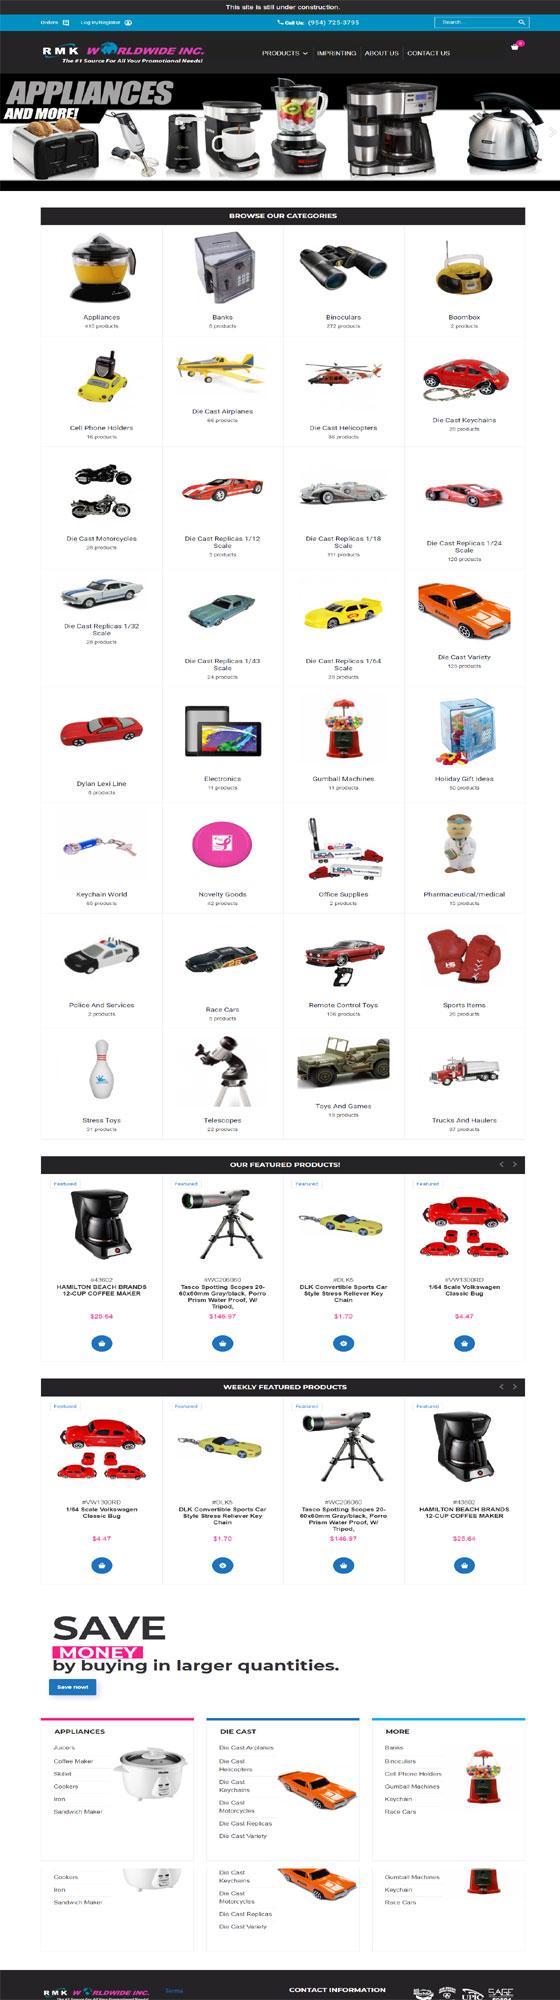 coimbatore web design company